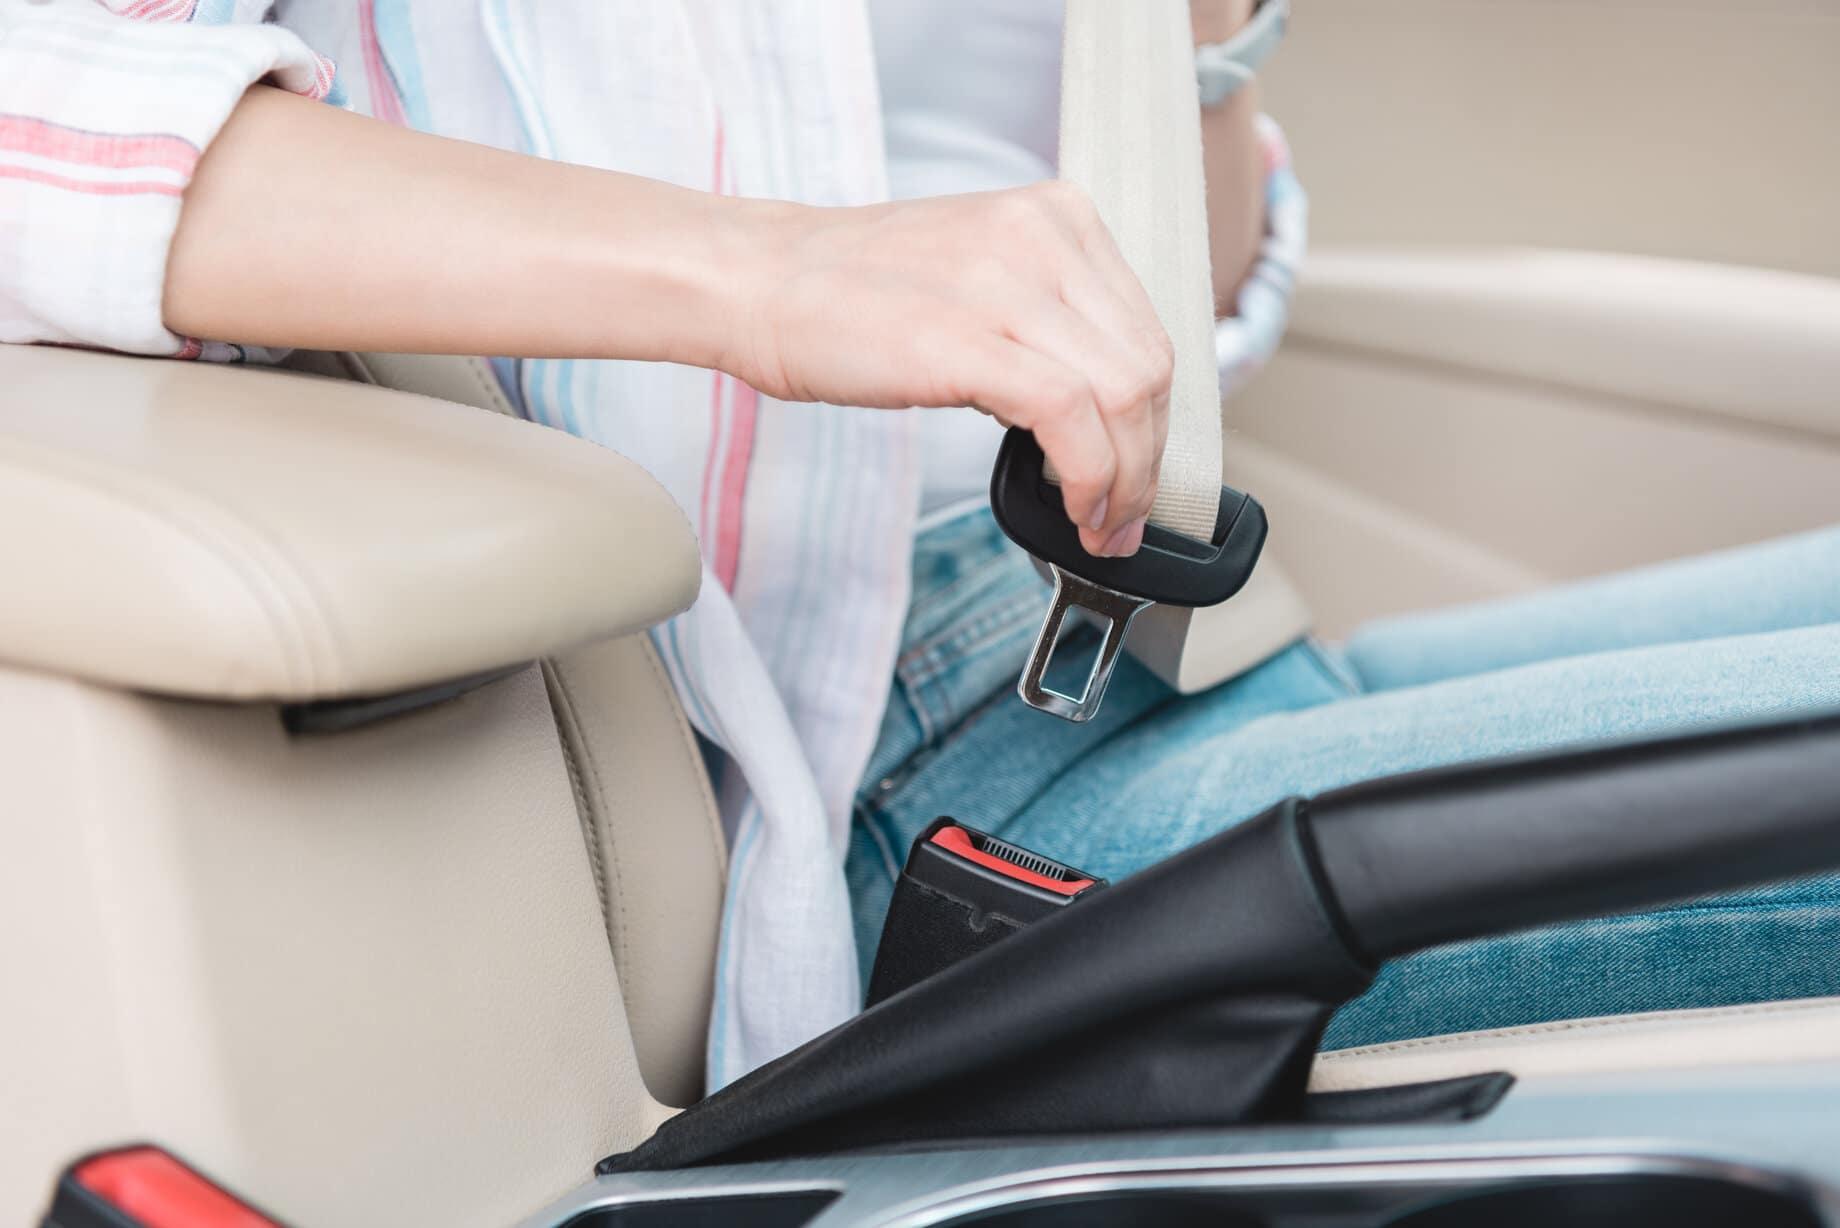 woman using a seat belt